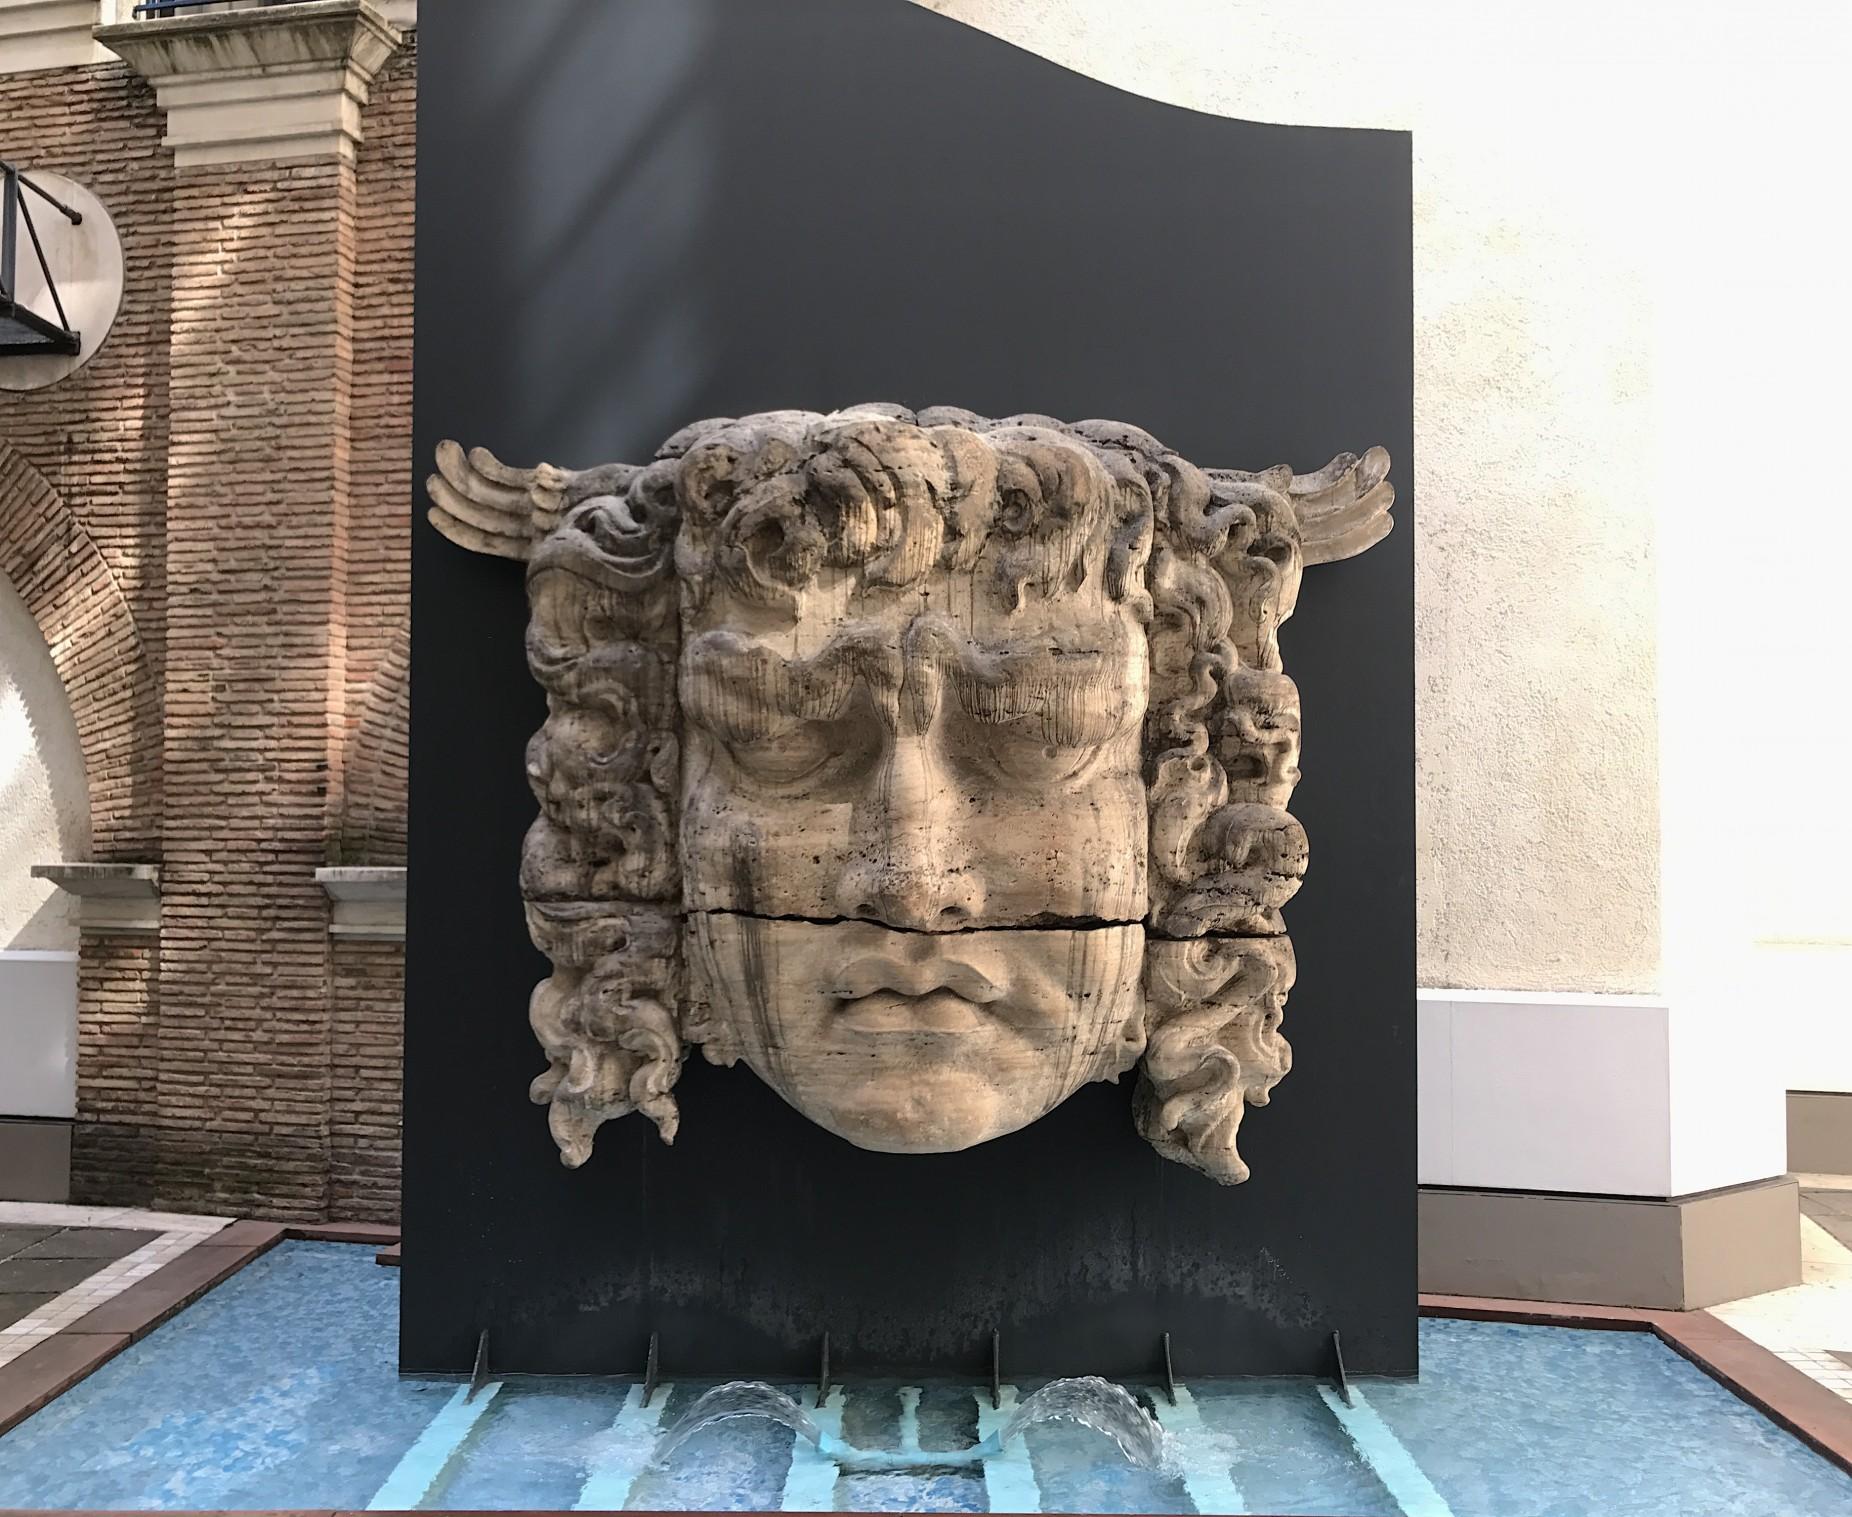 Der Gorgonenbrunnen im Innenhof des Singlspielerhauses